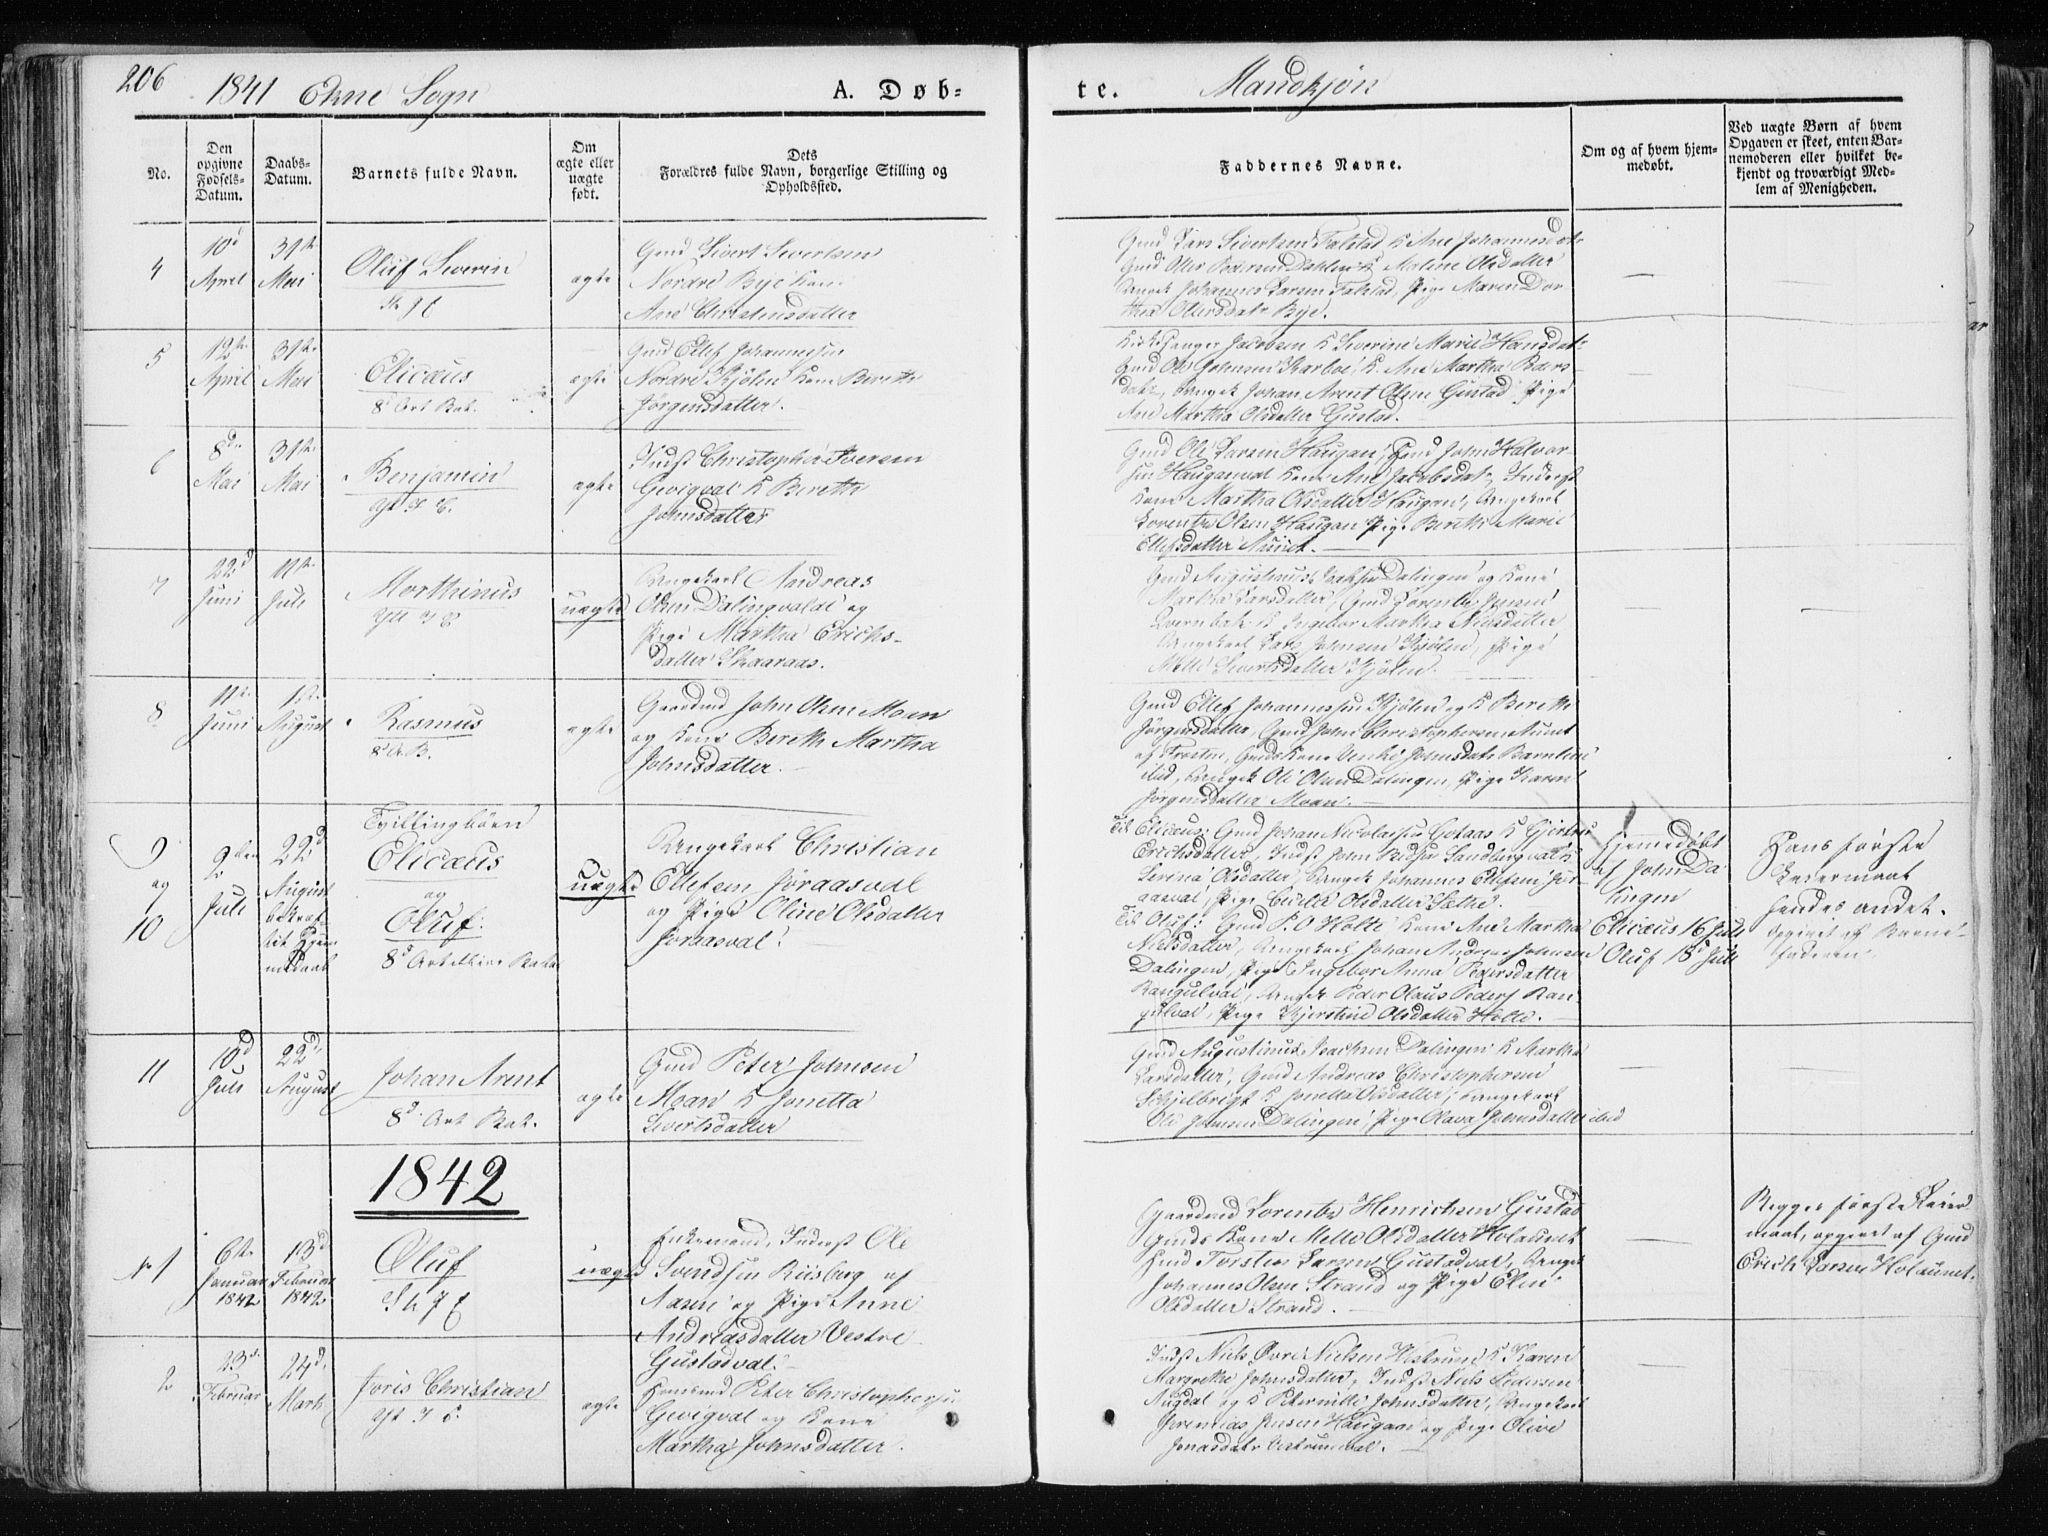 SAT, Ministerialprotokoller, klokkerbøker og fødselsregistre - Nord-Trøndelag, 717/L0154: Ministerialbok nr. 717A06 /2, 1836-1849, s. 206